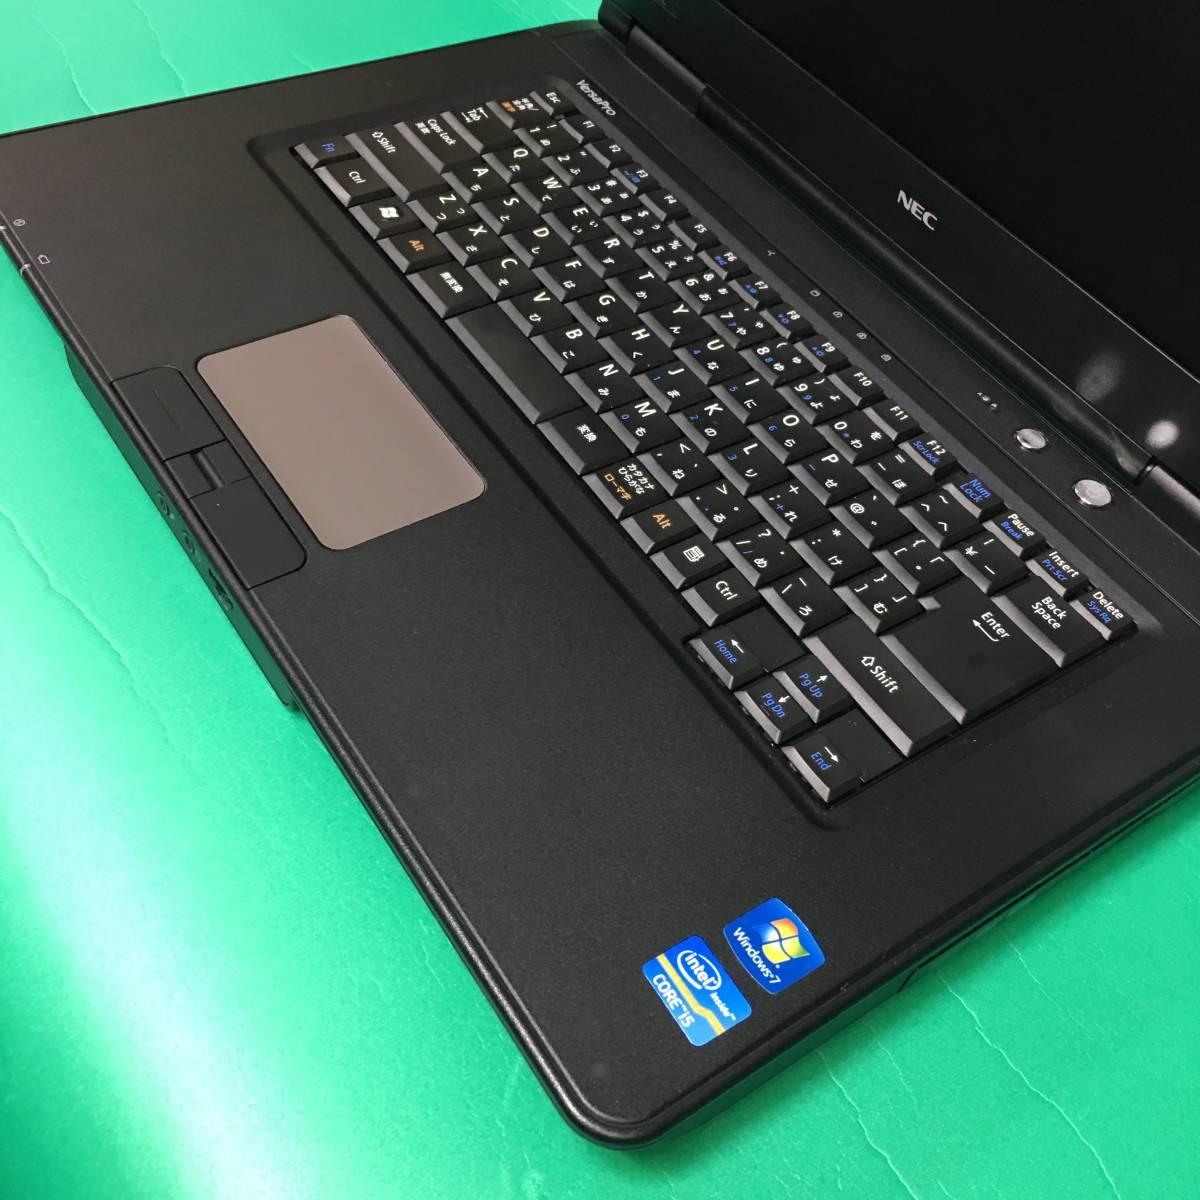 新品SSD240GB/Win7/ノートパソコン/NEC VersaPro J VL-C/Core i5 第二世代/Office 2016/メモリ4GB/15.6インチ/DVDスーパーマルチ/無線LAN_画像2